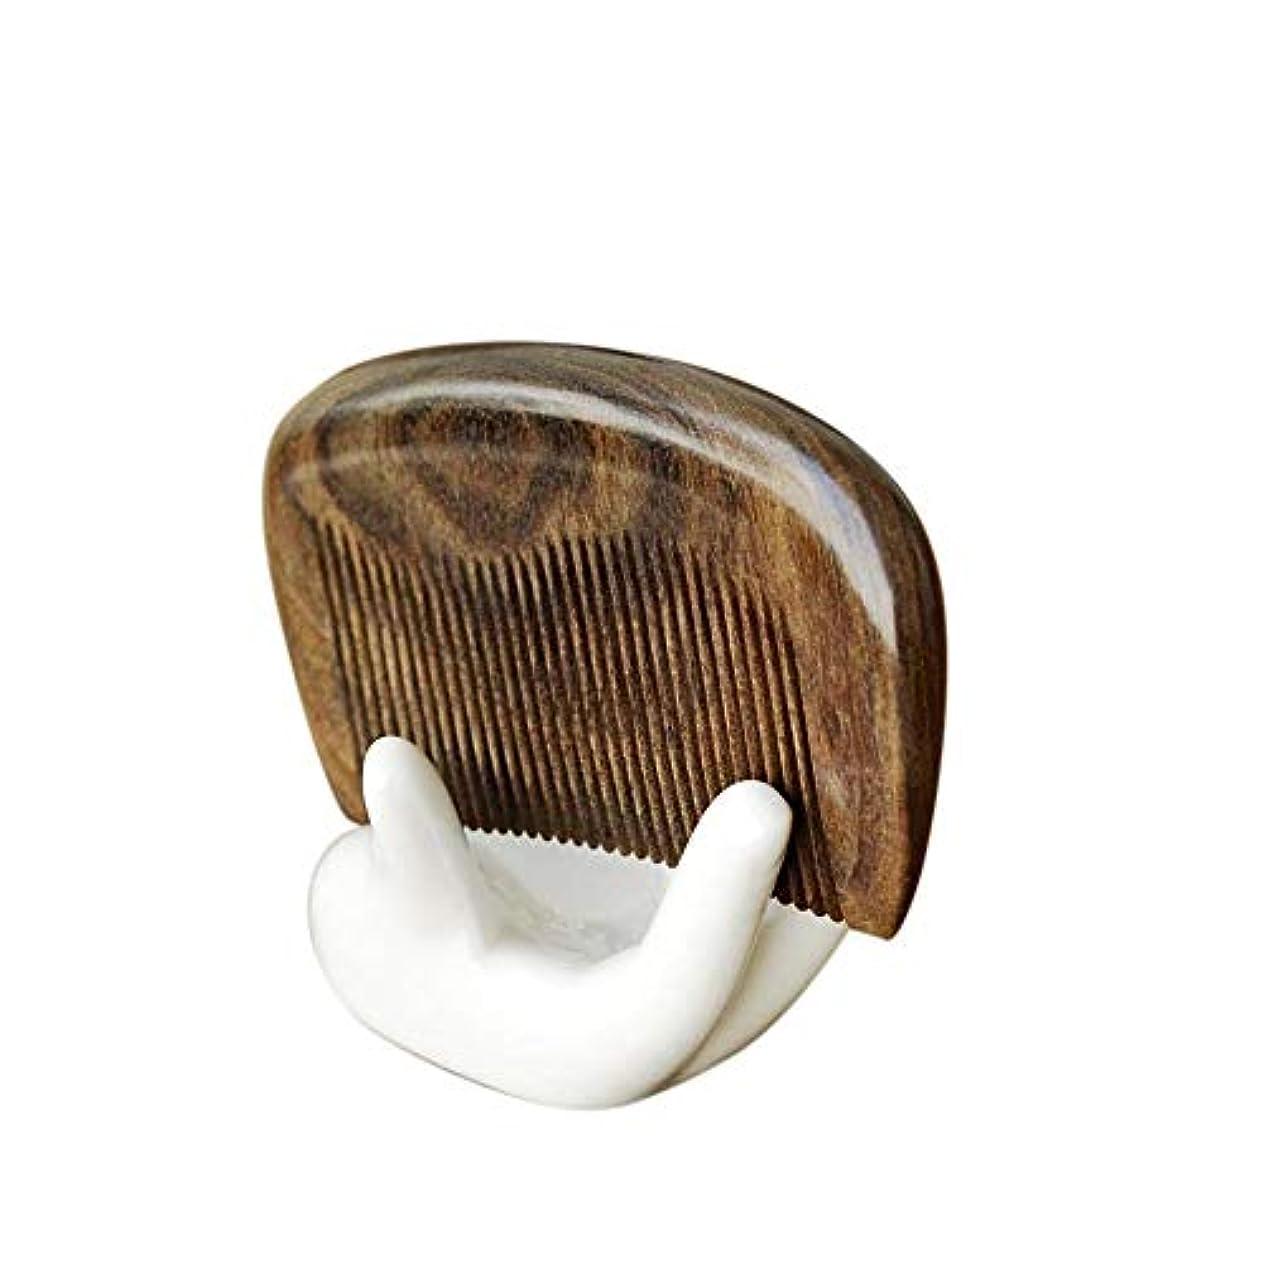 悪いワゴン派生するFashian木製のくし歯ファイン手作りの木製くし、女性のためのグリーンサンダルウッドアンチスタティックもつれ解除ホーンくし ヘアケア